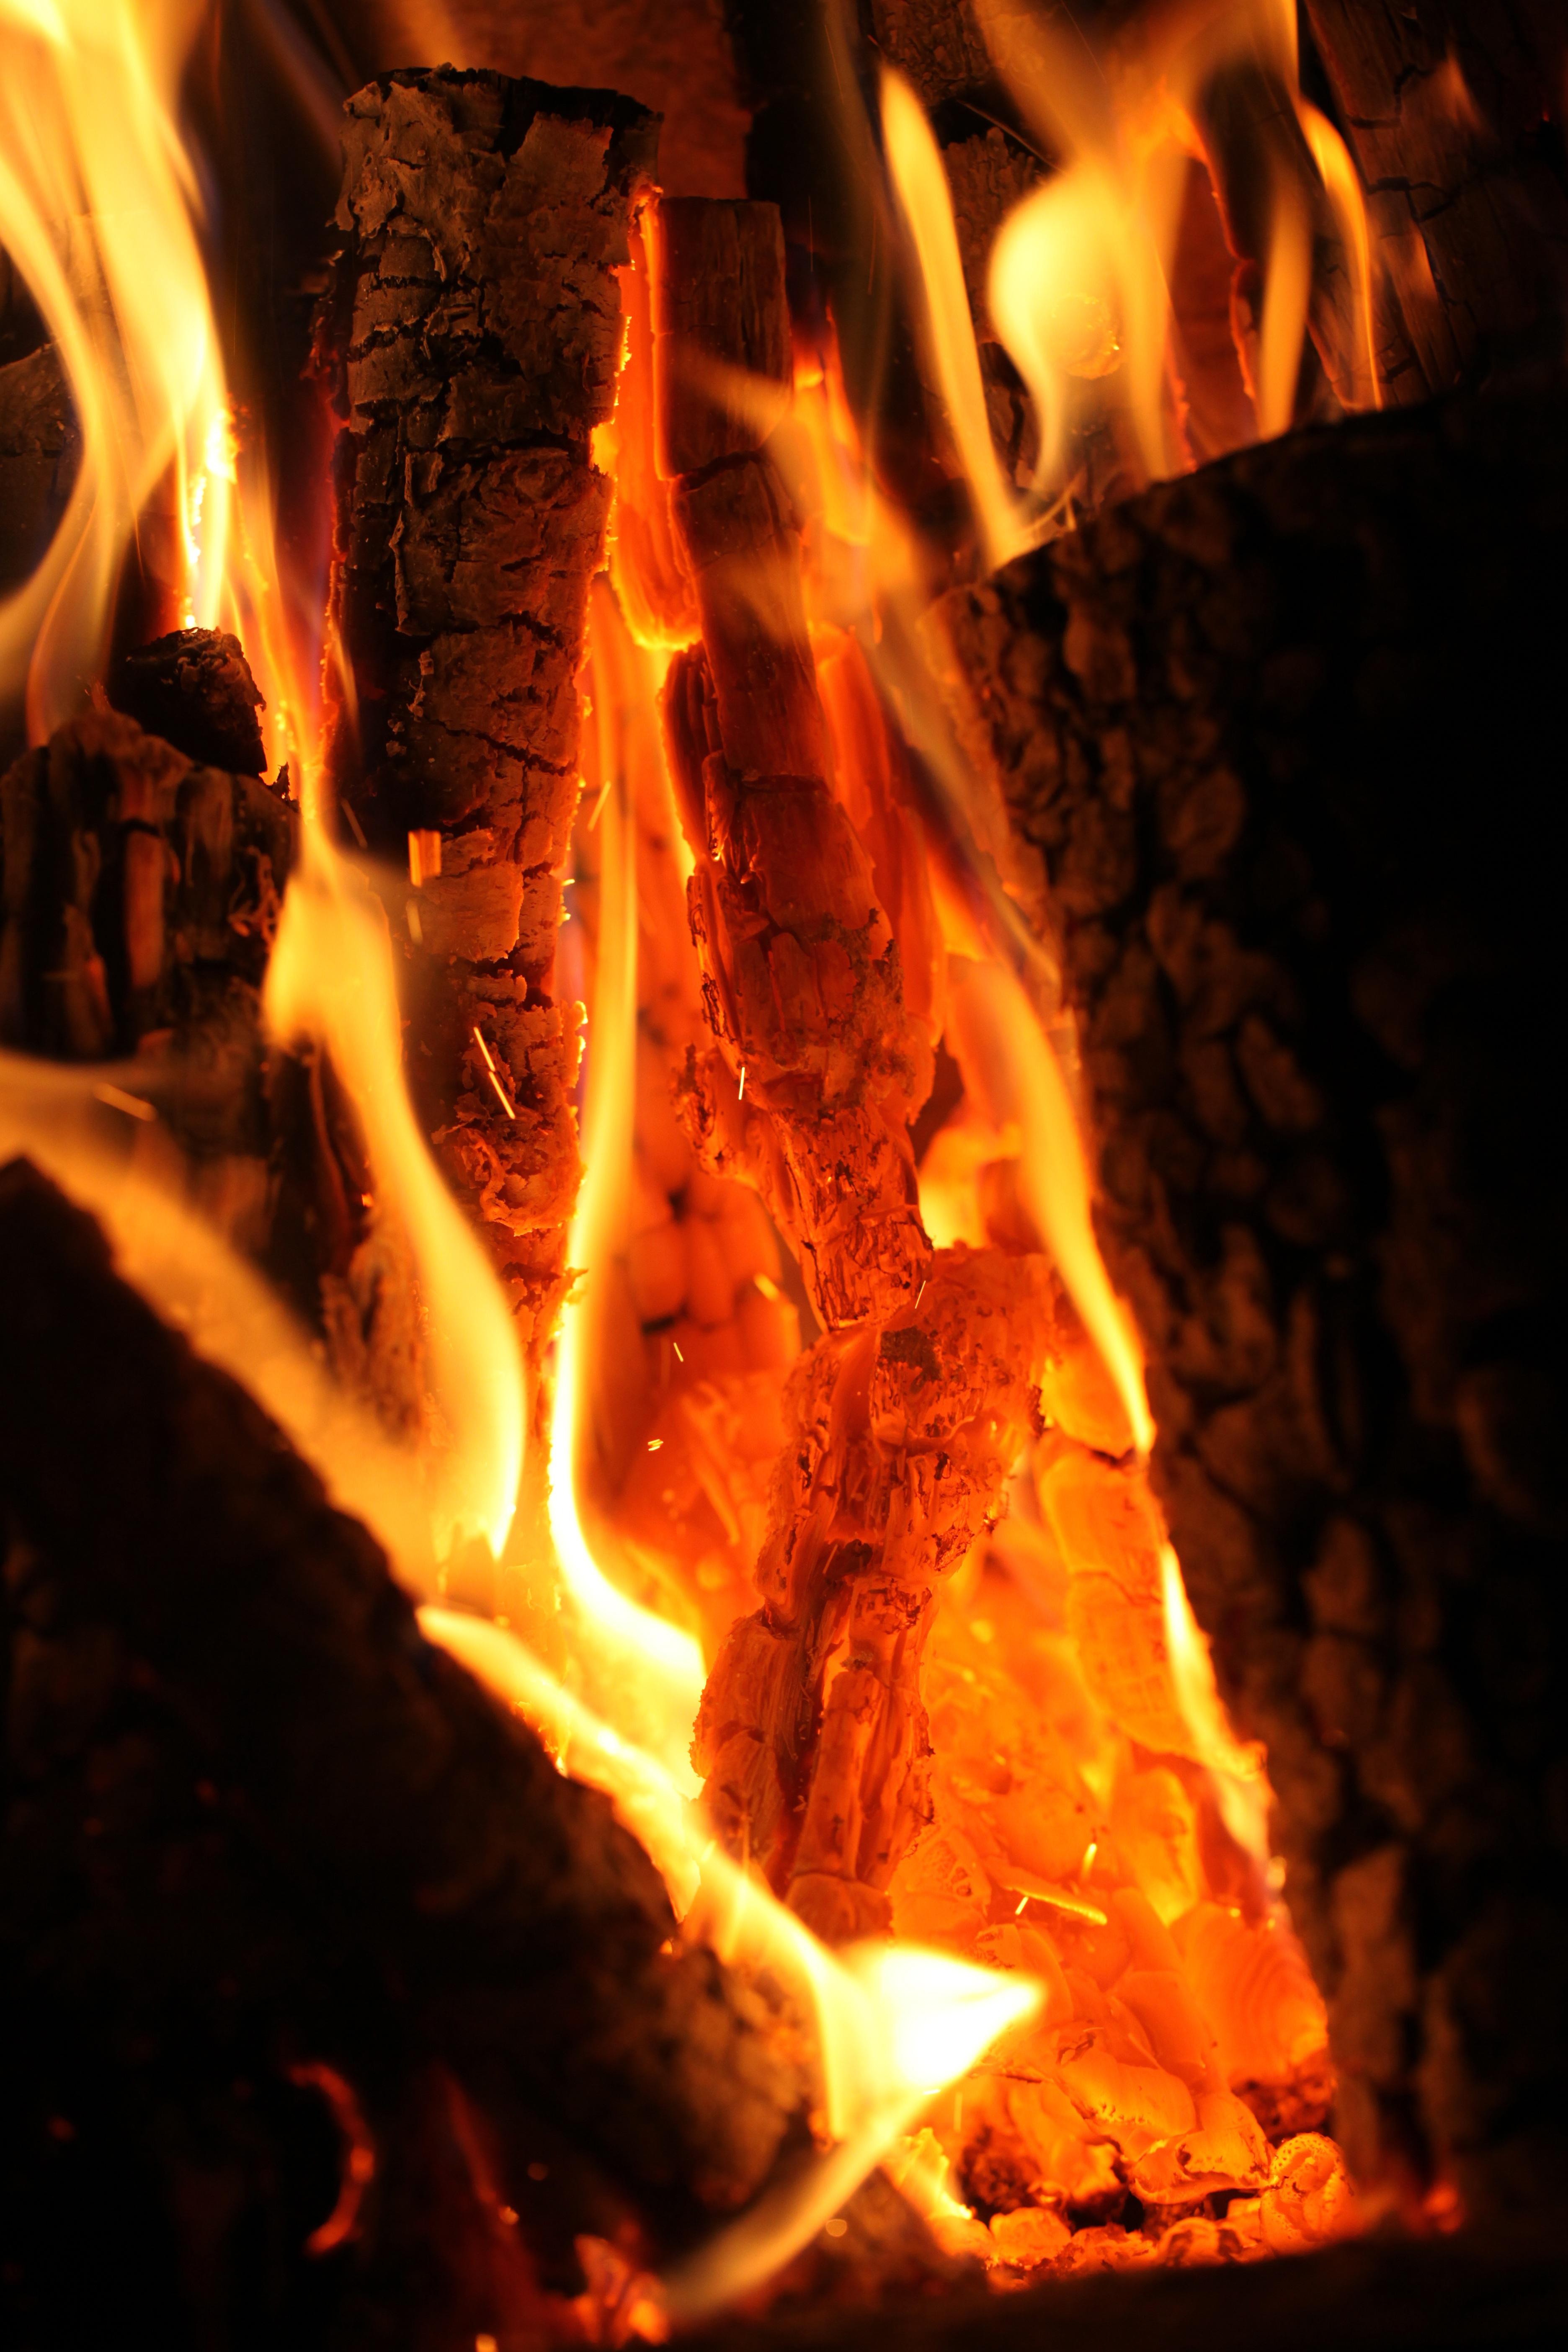 Kostenlose foto : Flamme, Feuer, Lagerfeuer, brennen, heiß, Flammen ...